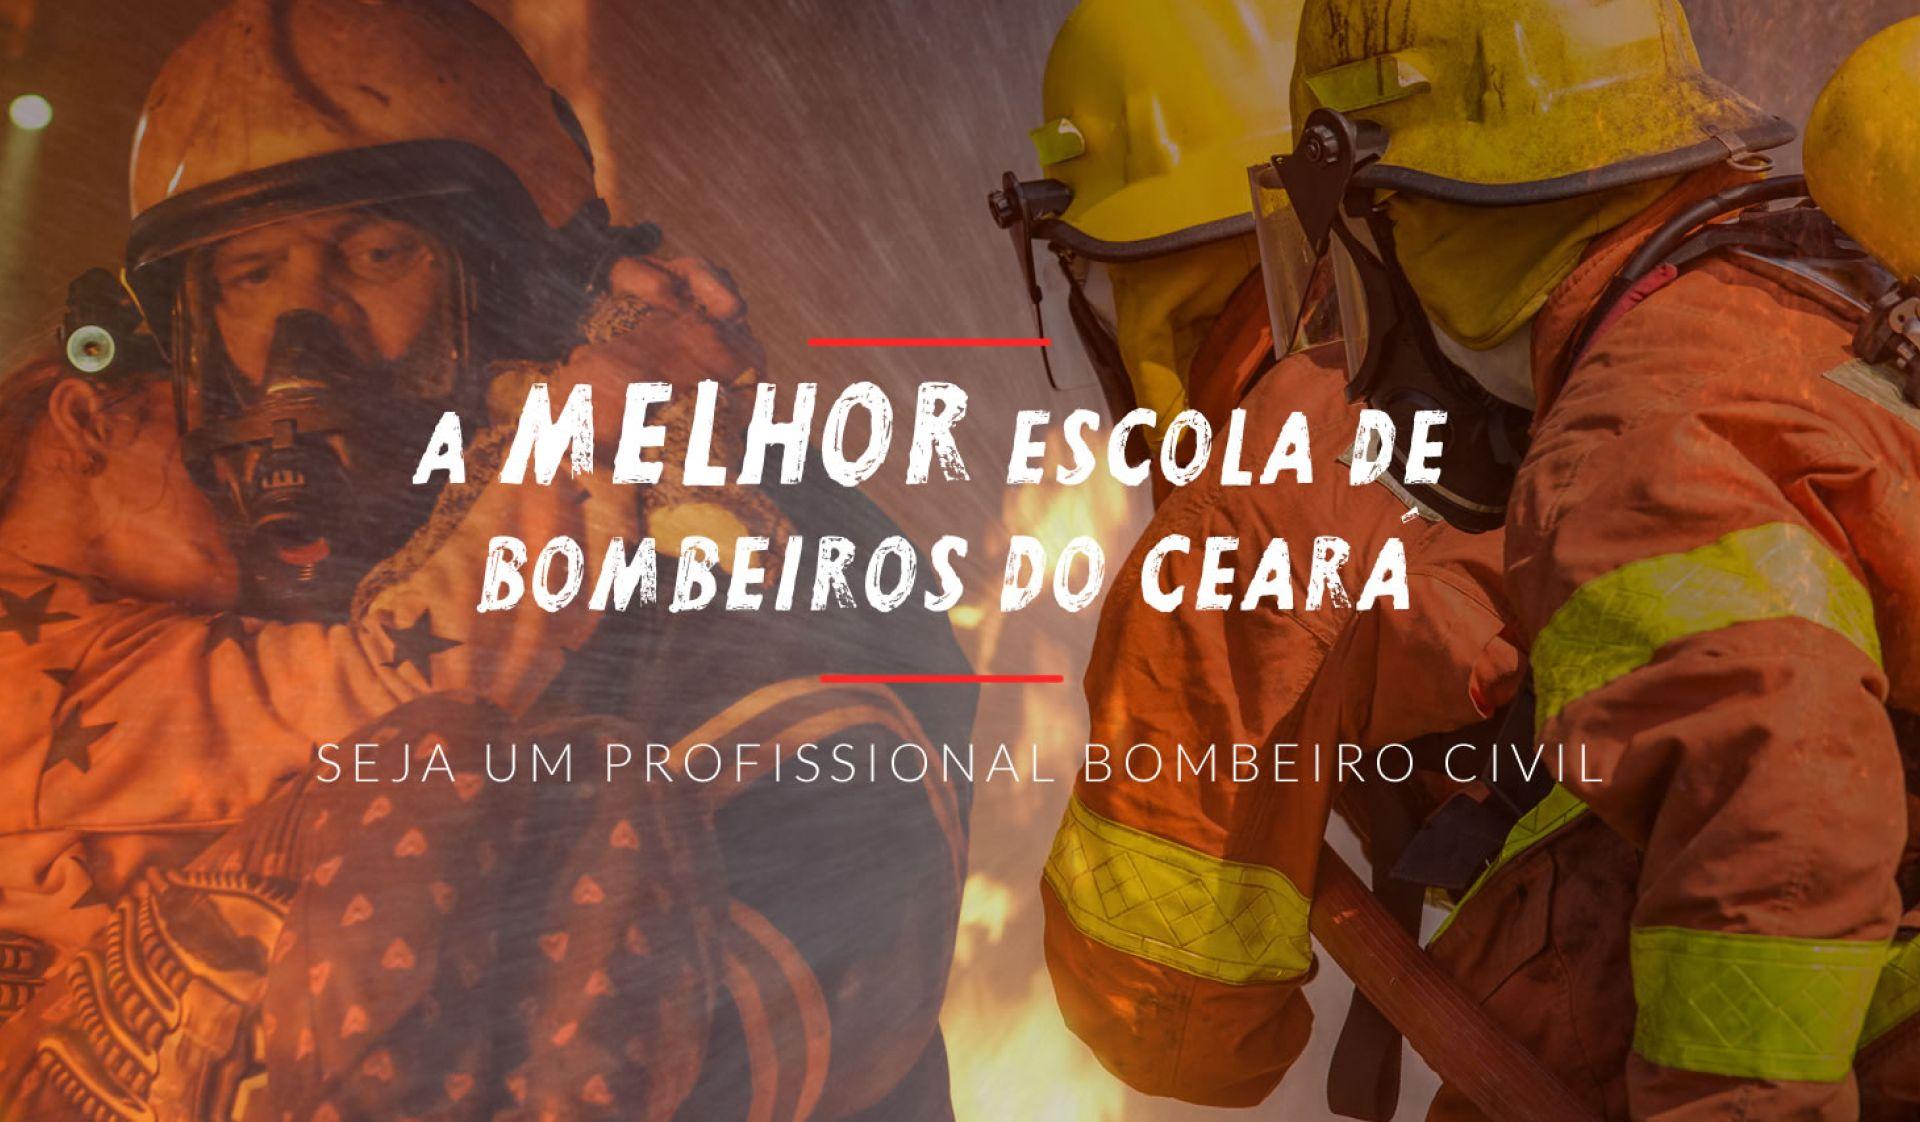 https://www.datacenter.emp.br/imagens/uploads/imgs/banners/1920x1122/bombeirocivilgrande1.jpg